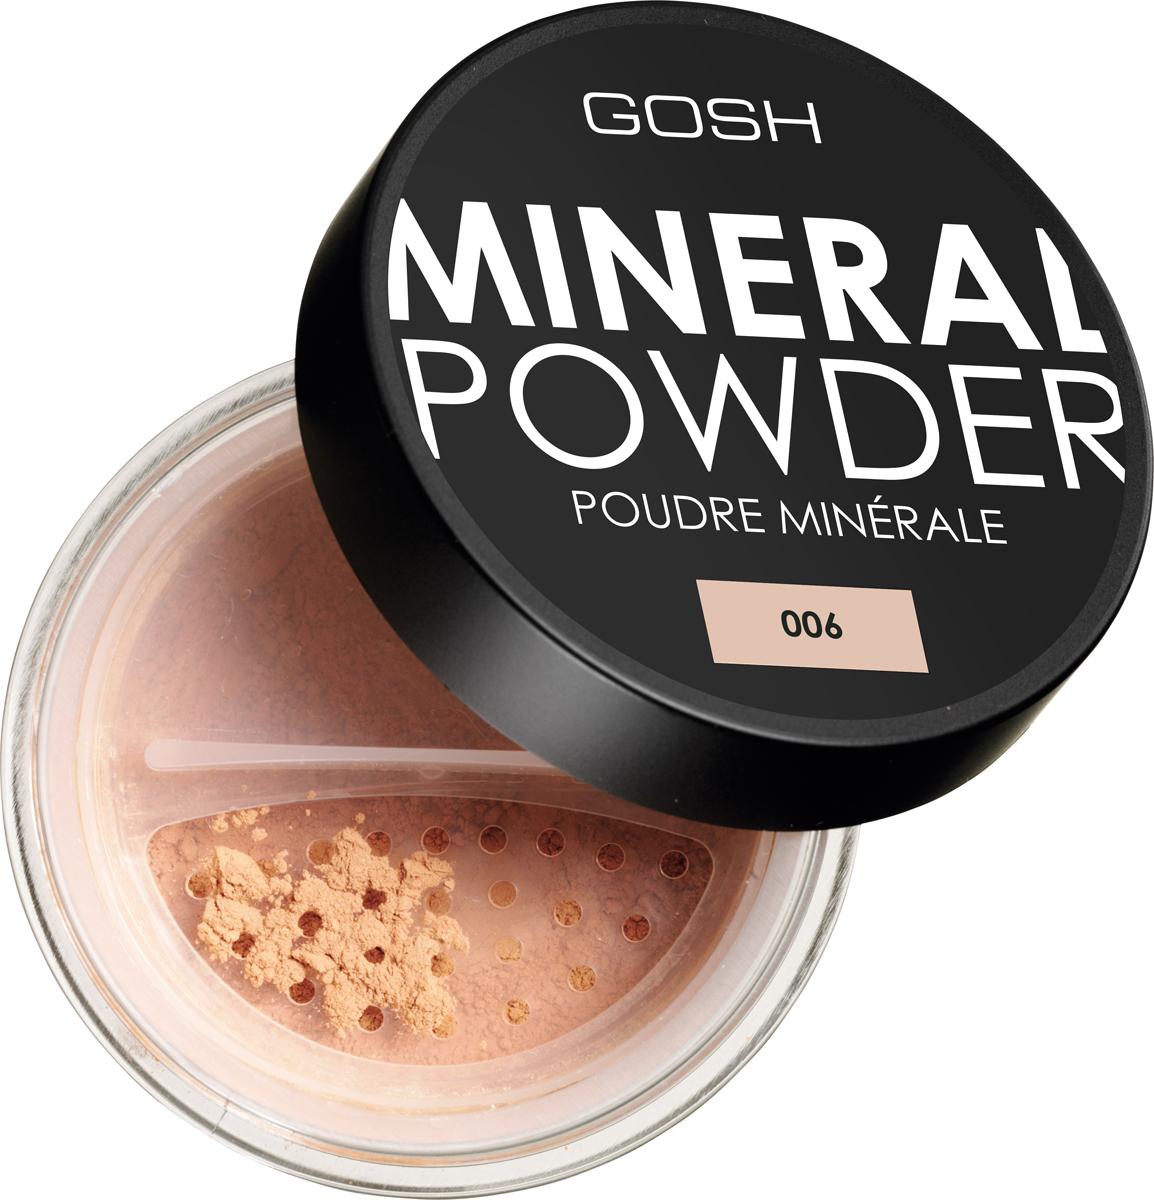 Gosh Пудра рассыпчатая минеральная для лица Mineral Powder, 8 г, тон №006 пудра